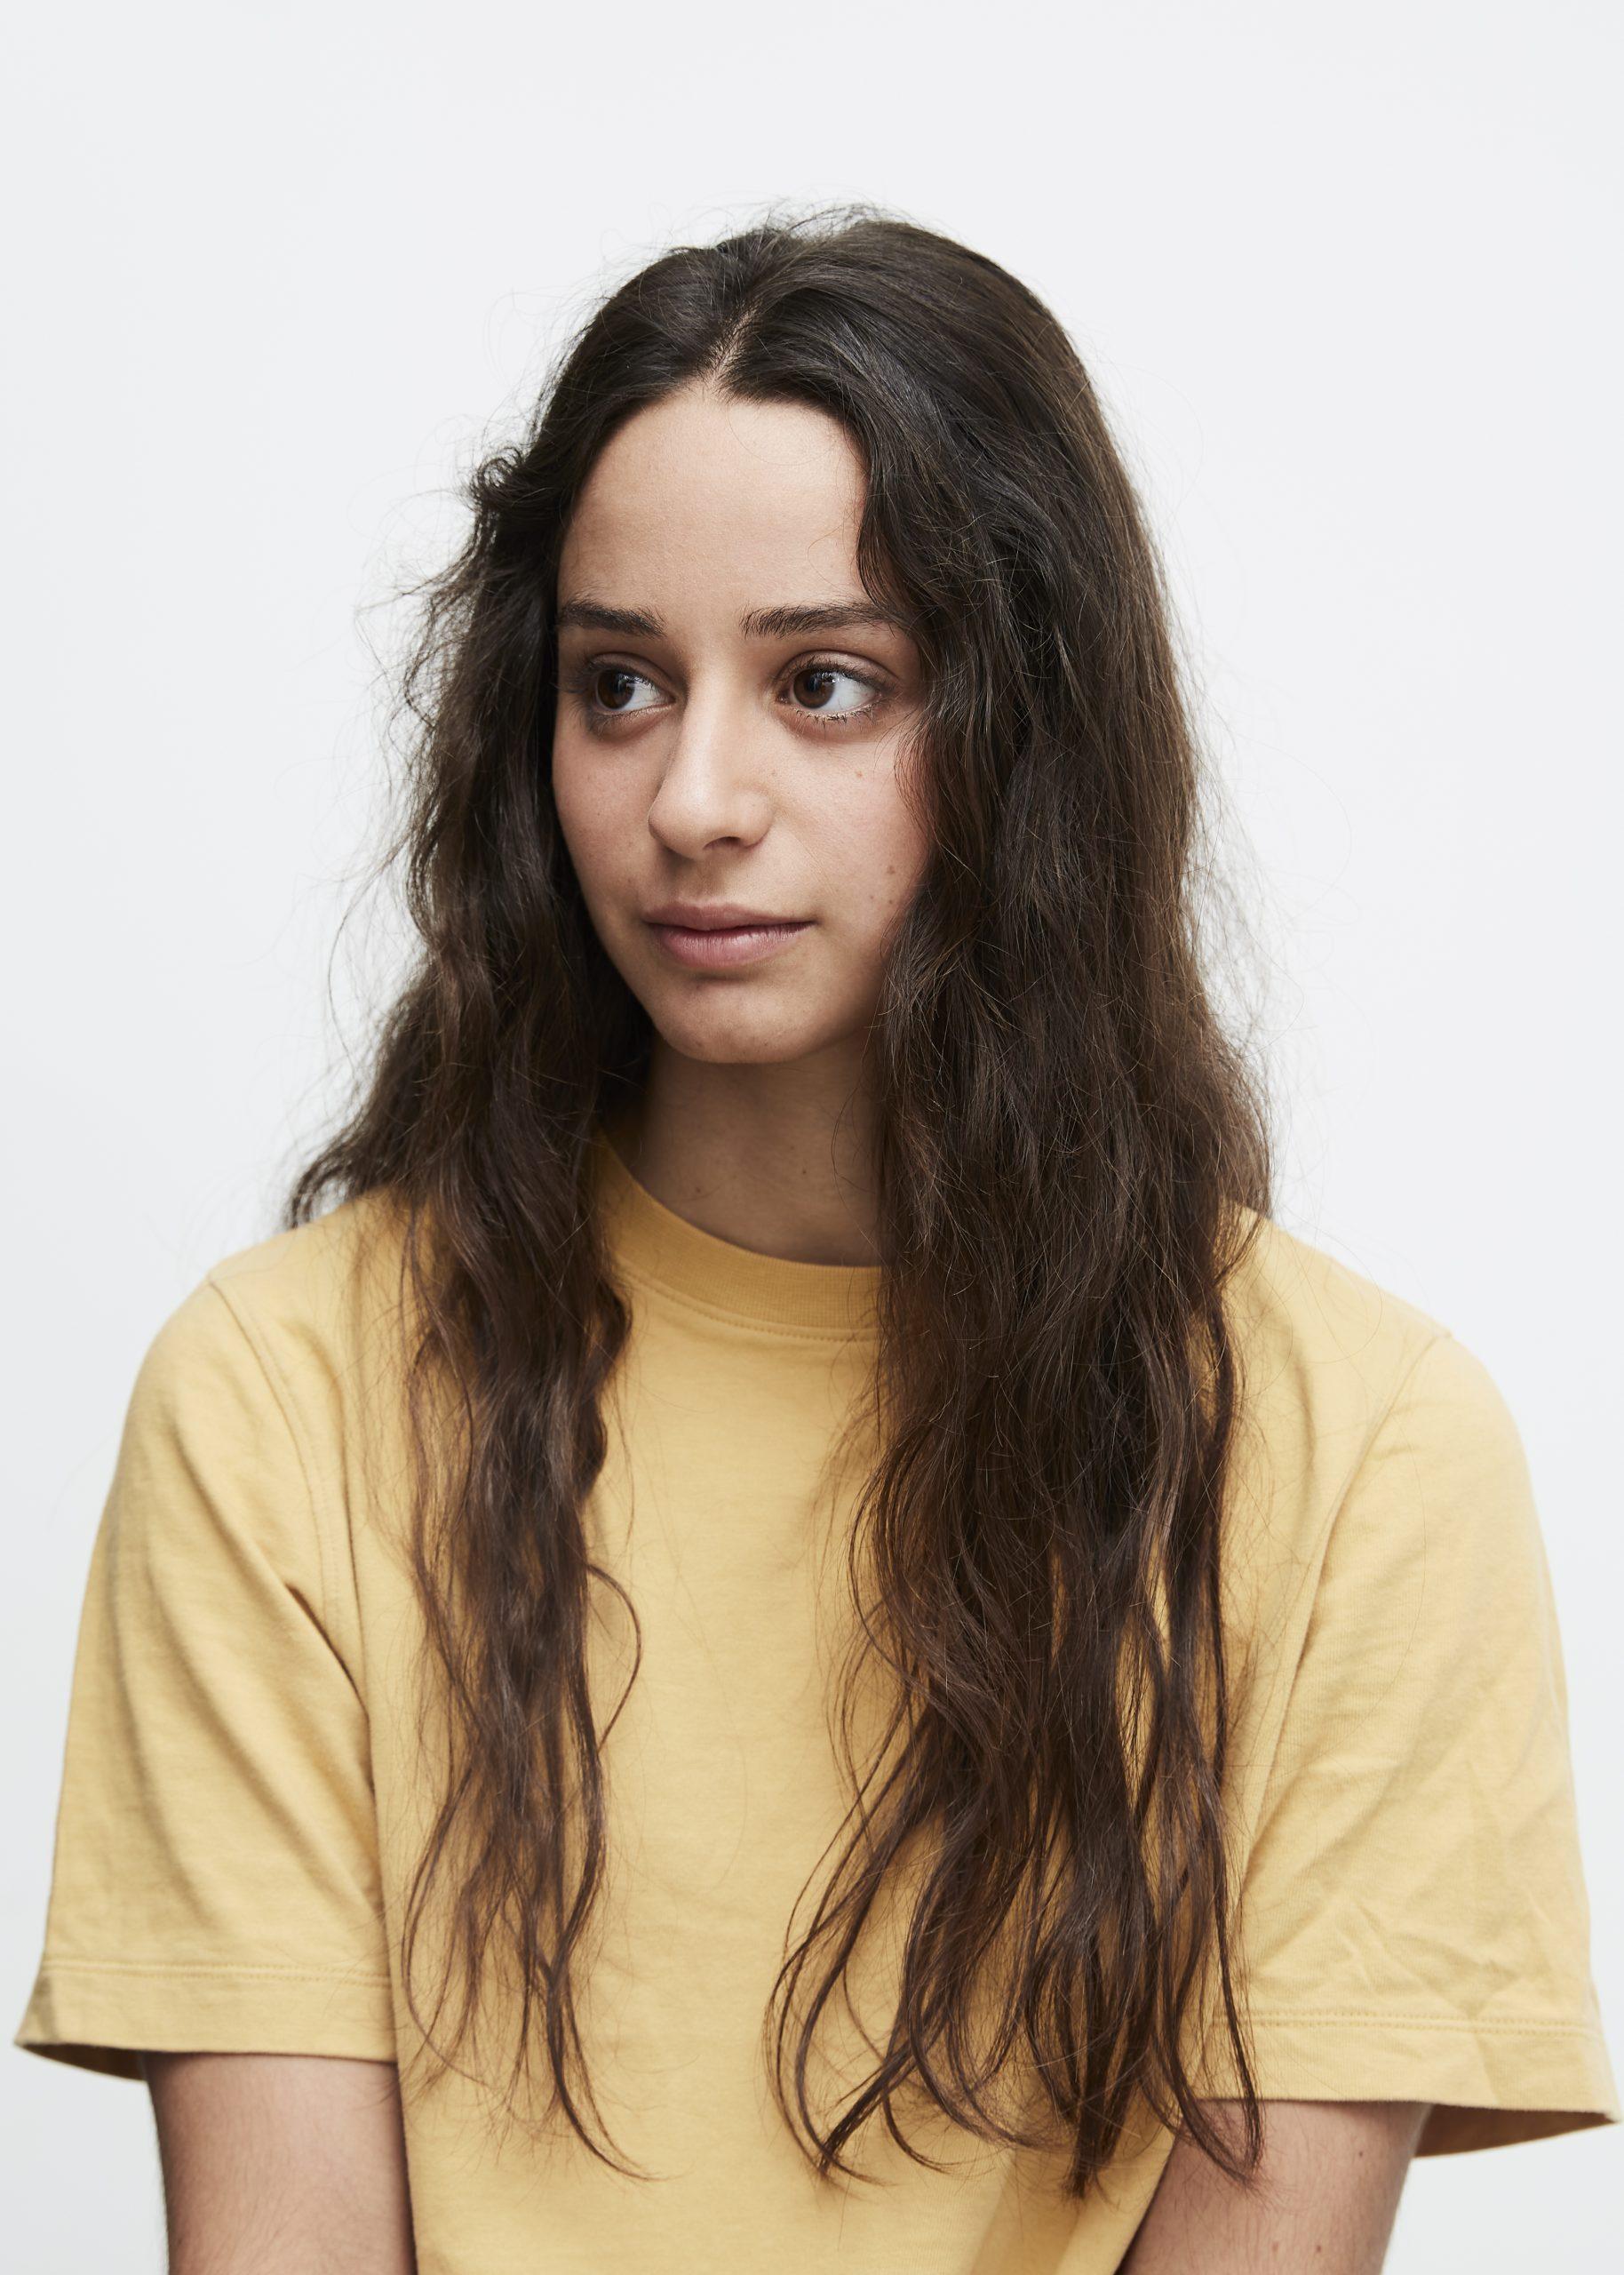 Photo of Giorgia Reitani